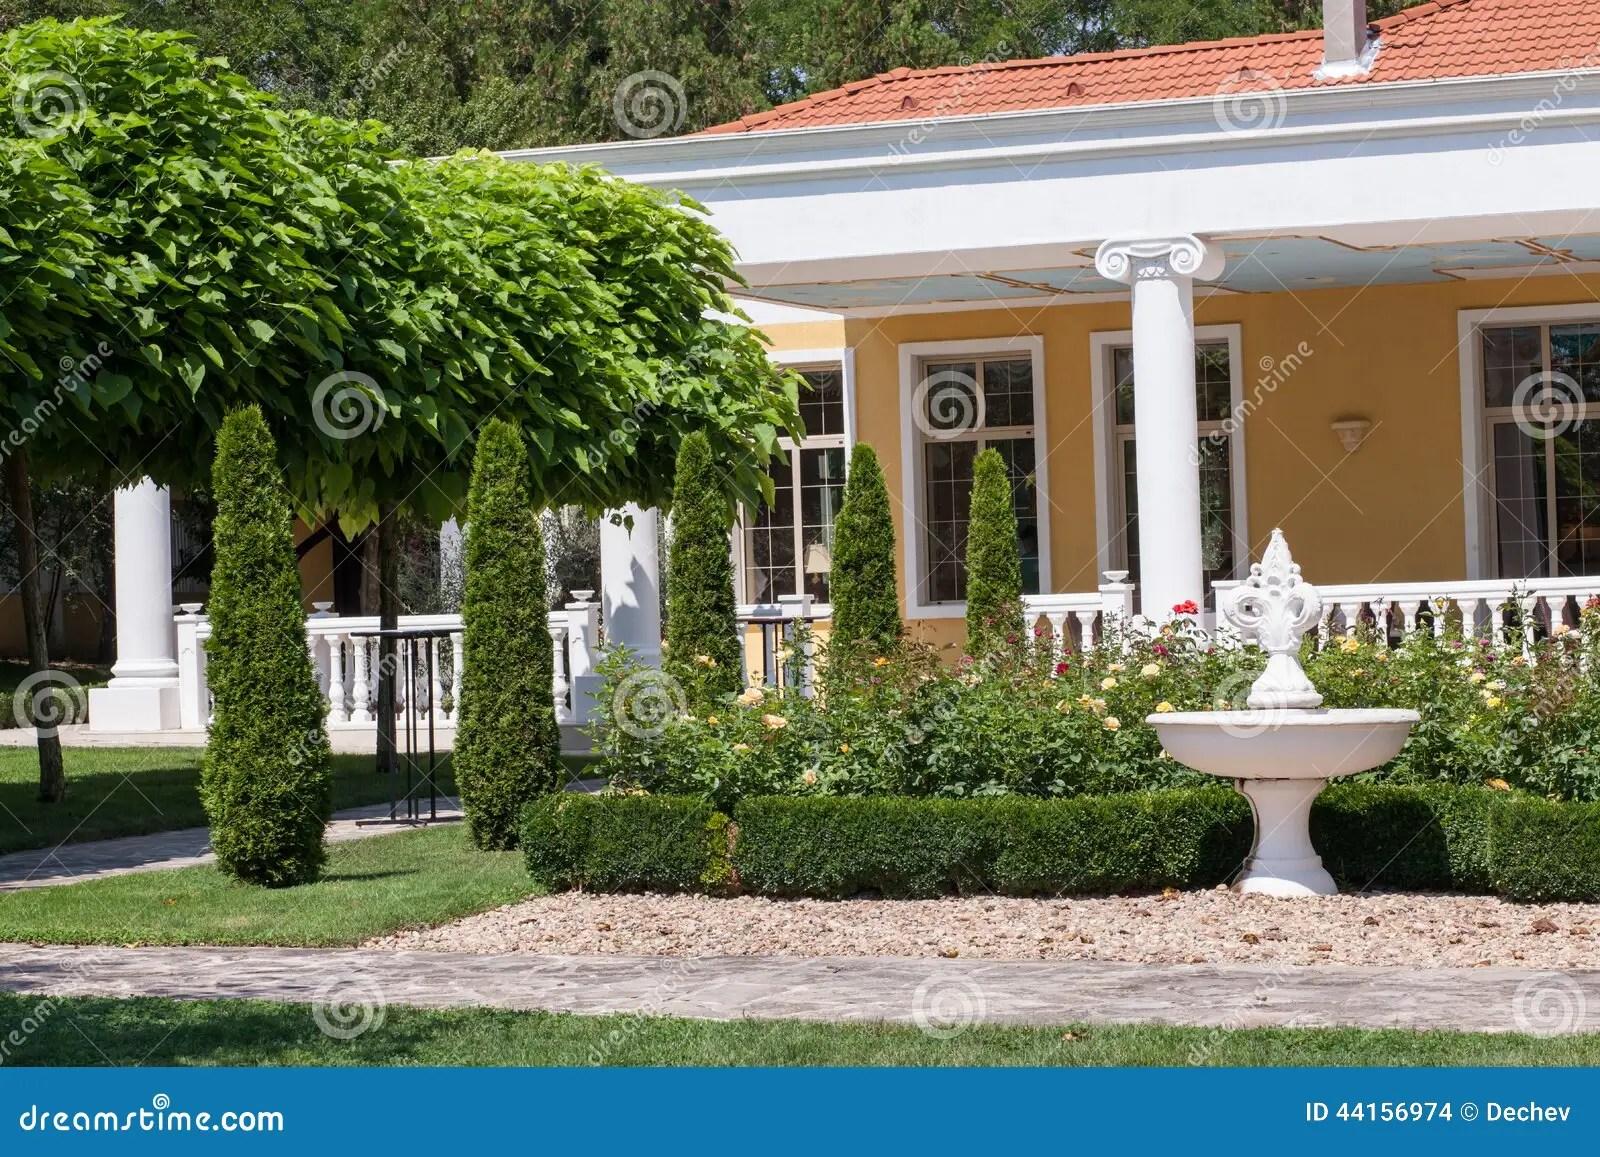 foto de stock jardim na frente de uma casa da casa de campo